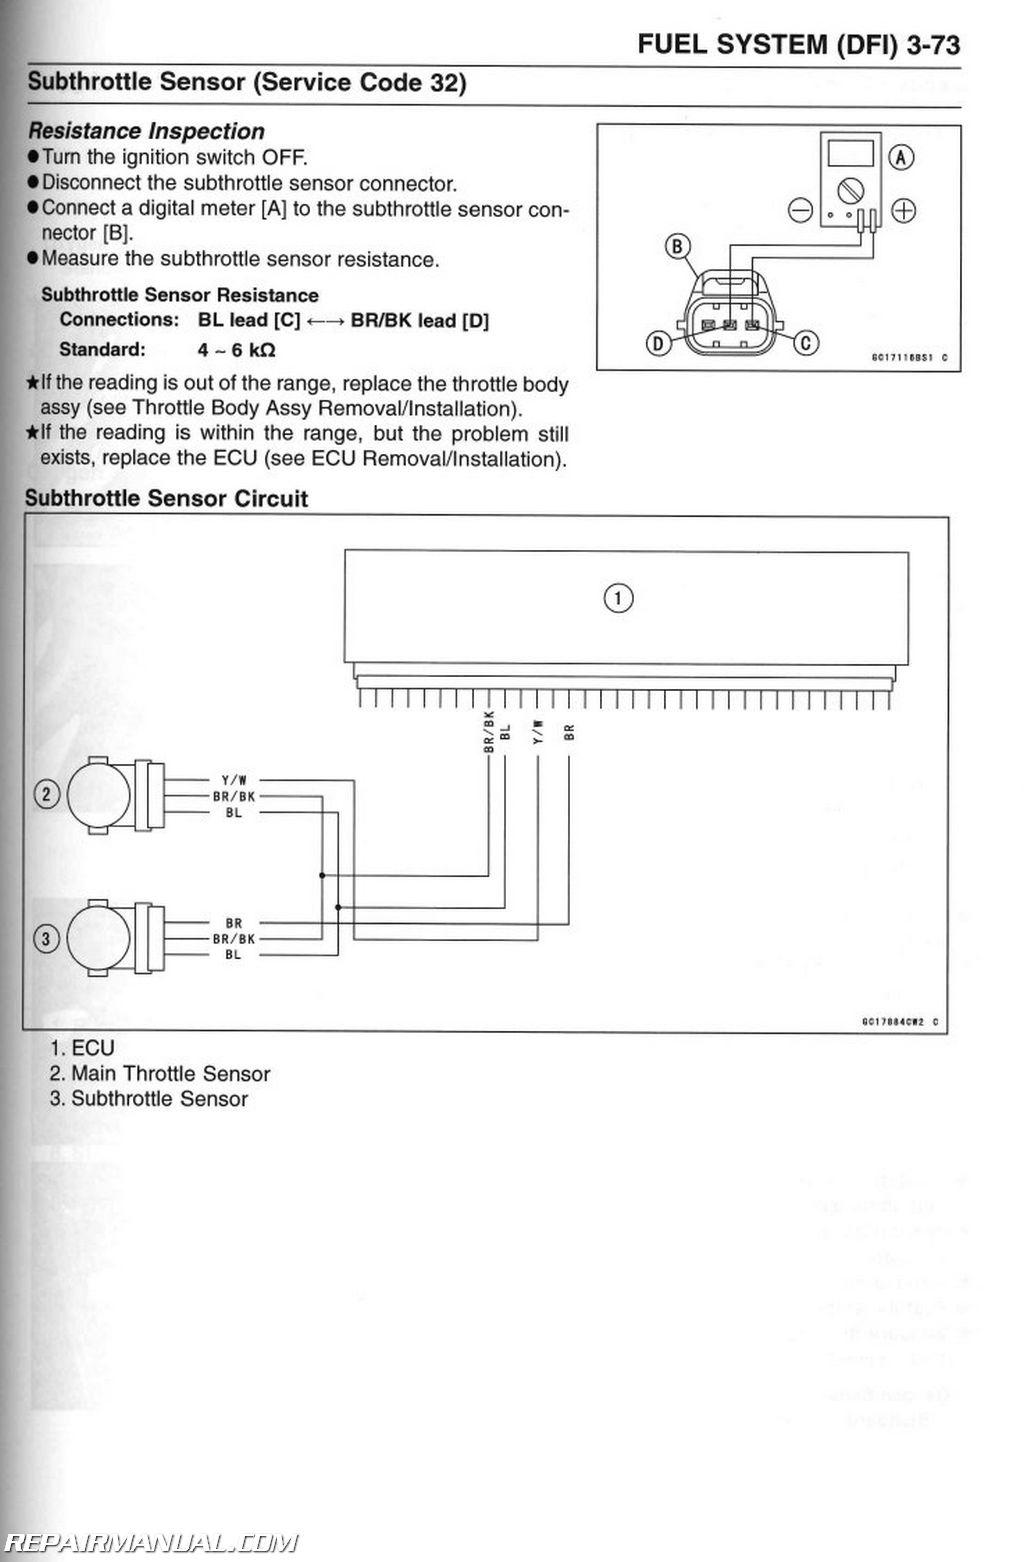 power wheels kawasaki kfx wiring diagram get free image about wiring diagram